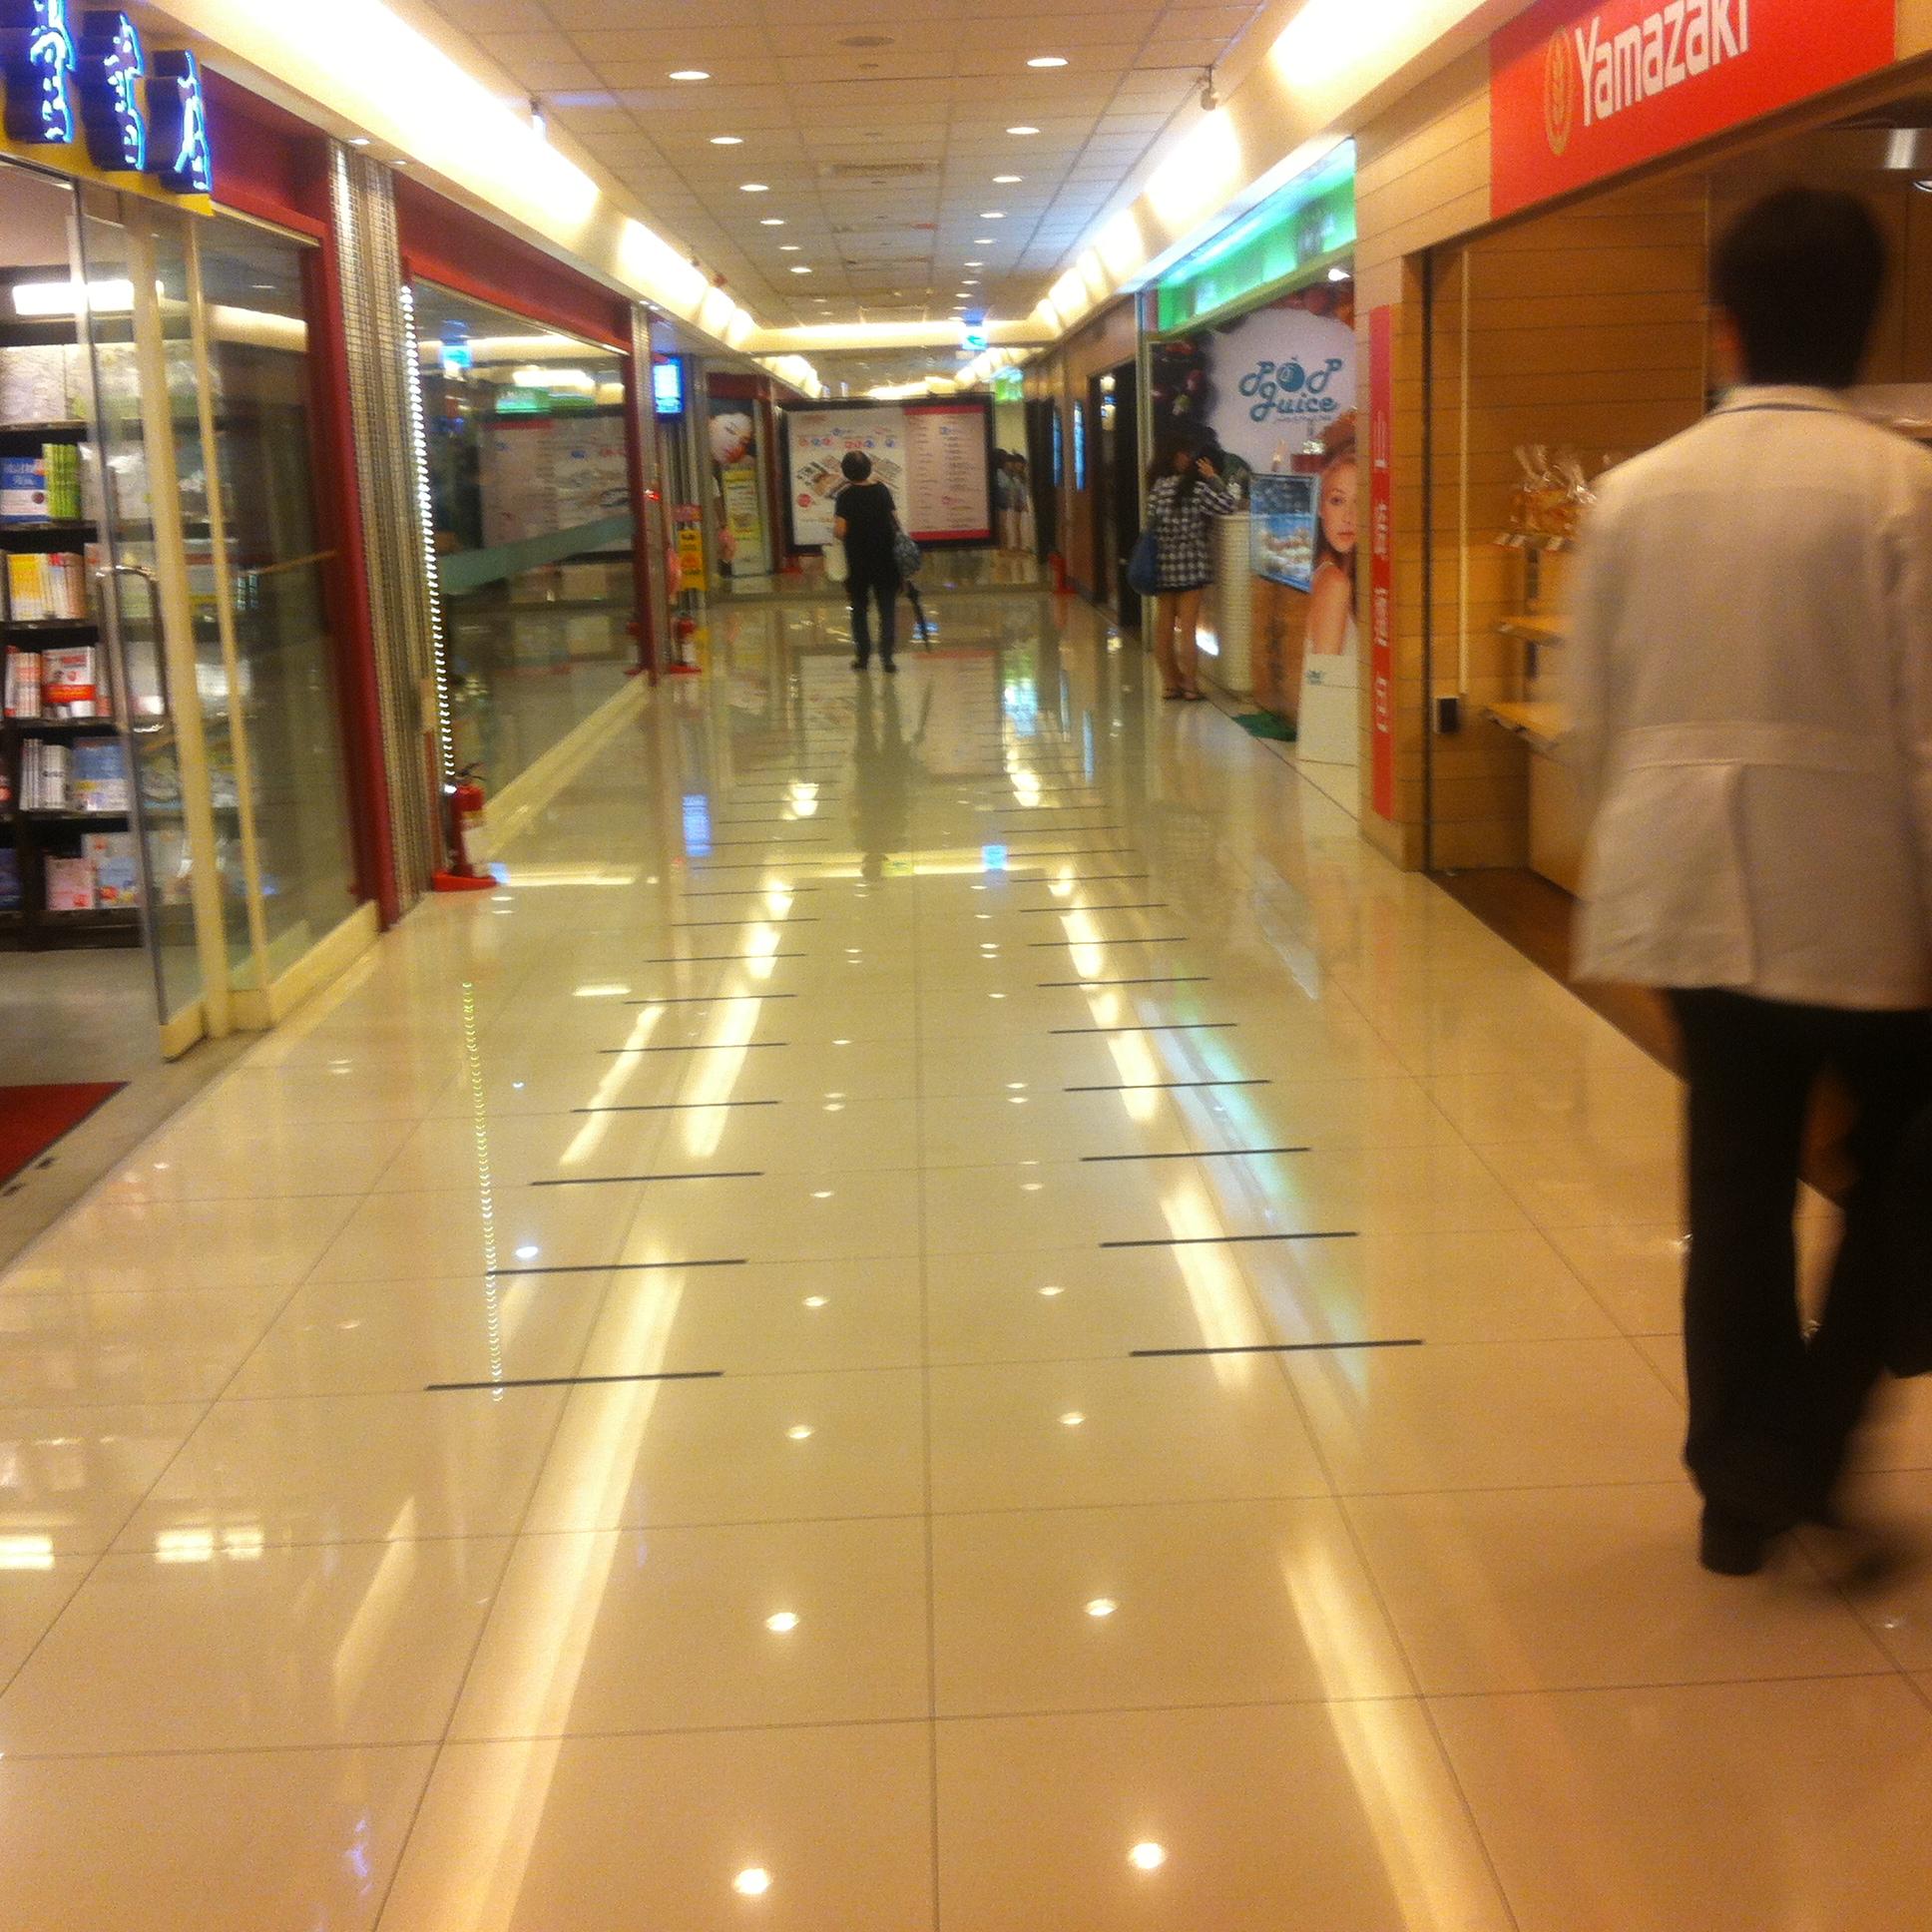 【グルメ】國防醫學院の地下美食街はまるで百貨店のフードコートみたい!